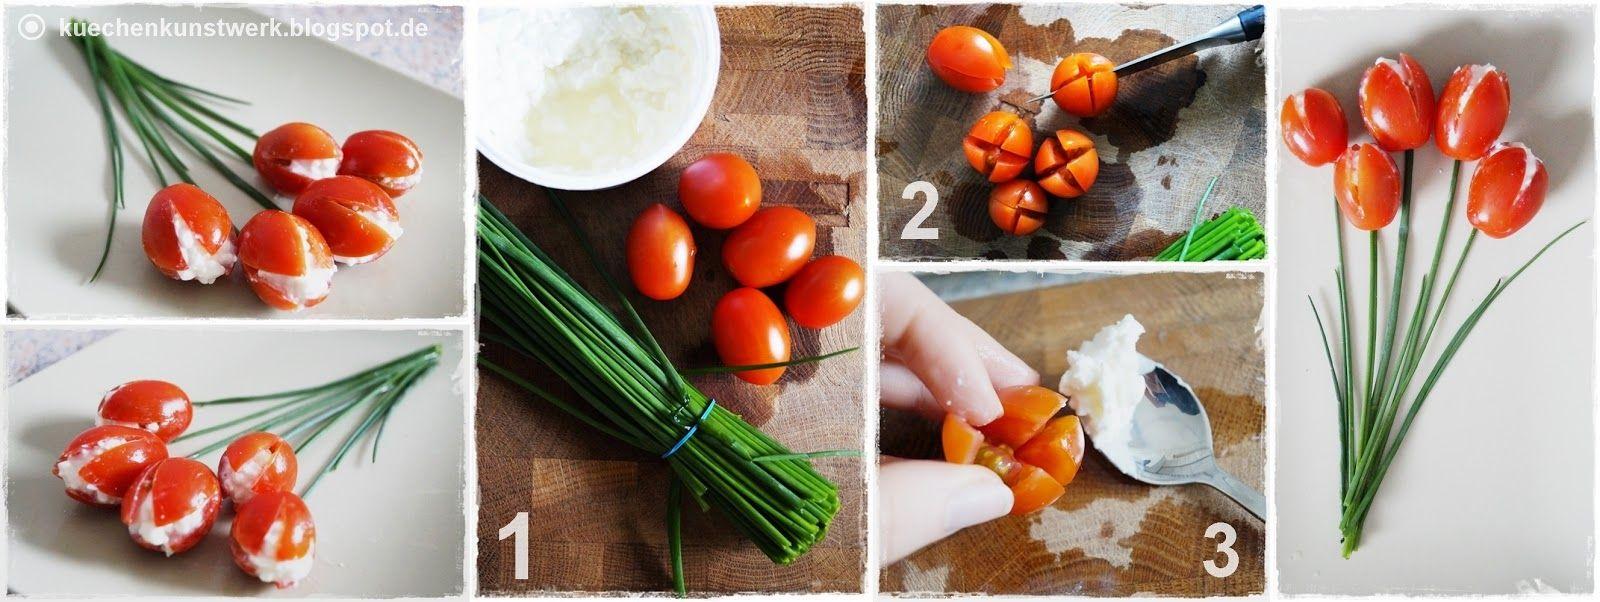 Küchenkunstwerk: Deko mit Gemüse - Tomatentulpen